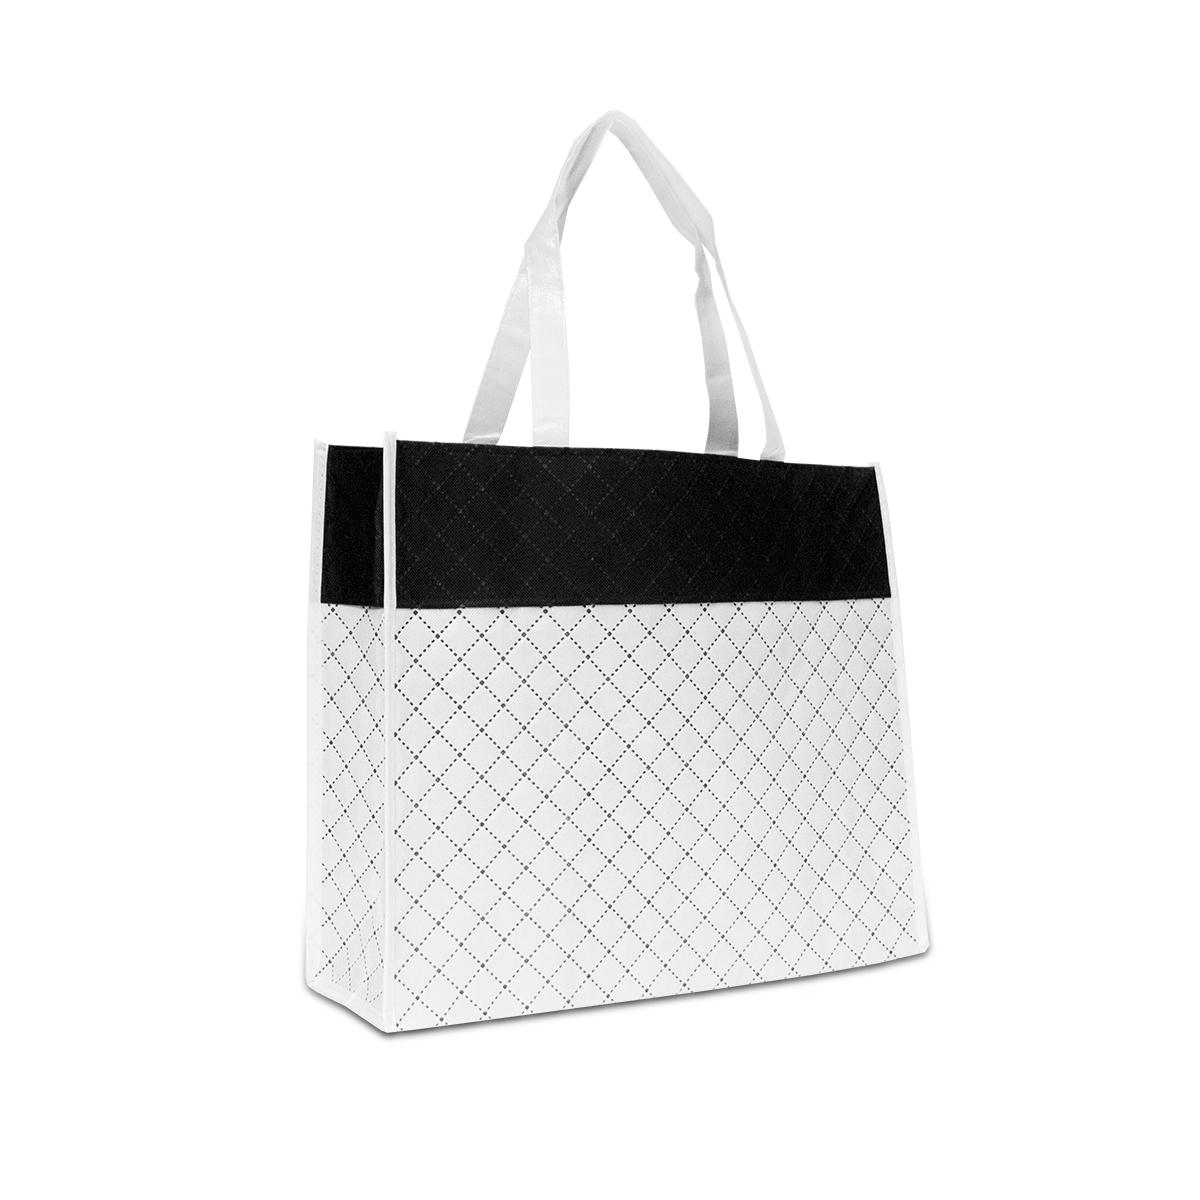 Luxe non-woven diamant shoppers